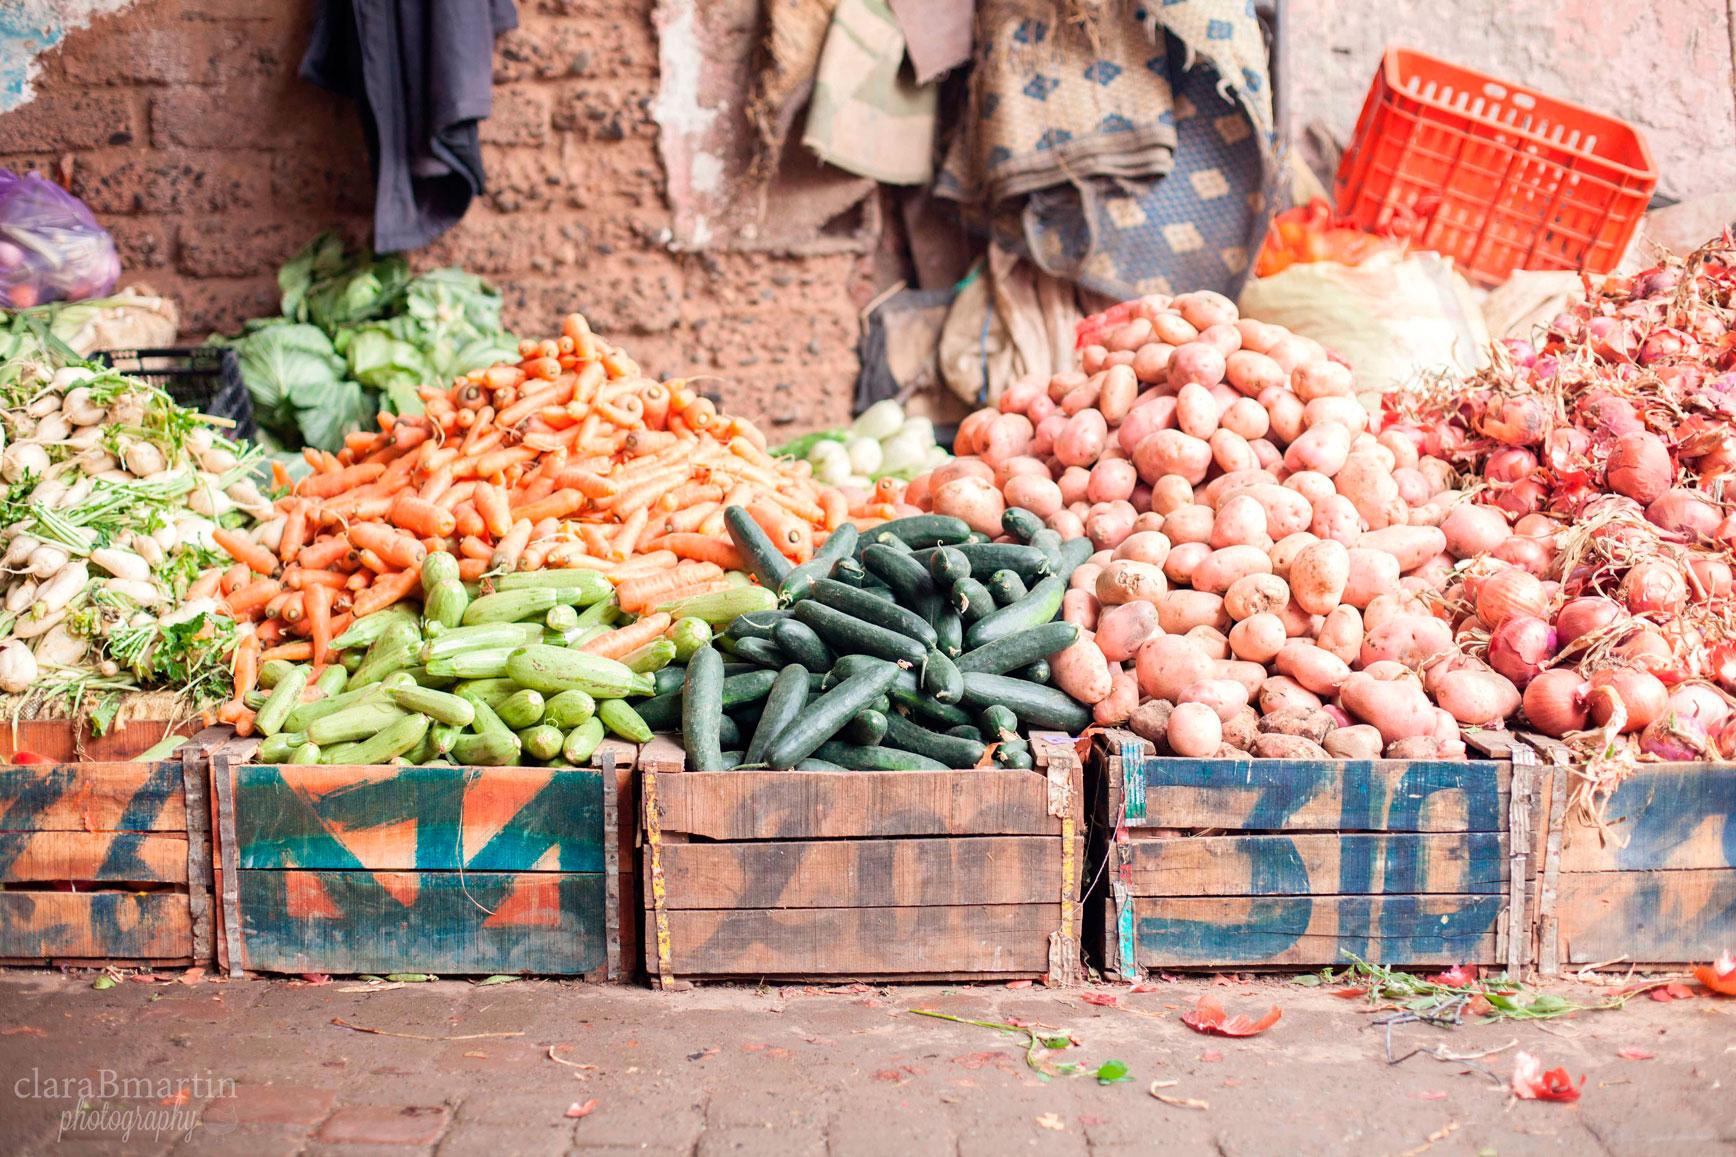 Marrakech_claraBmartin_13